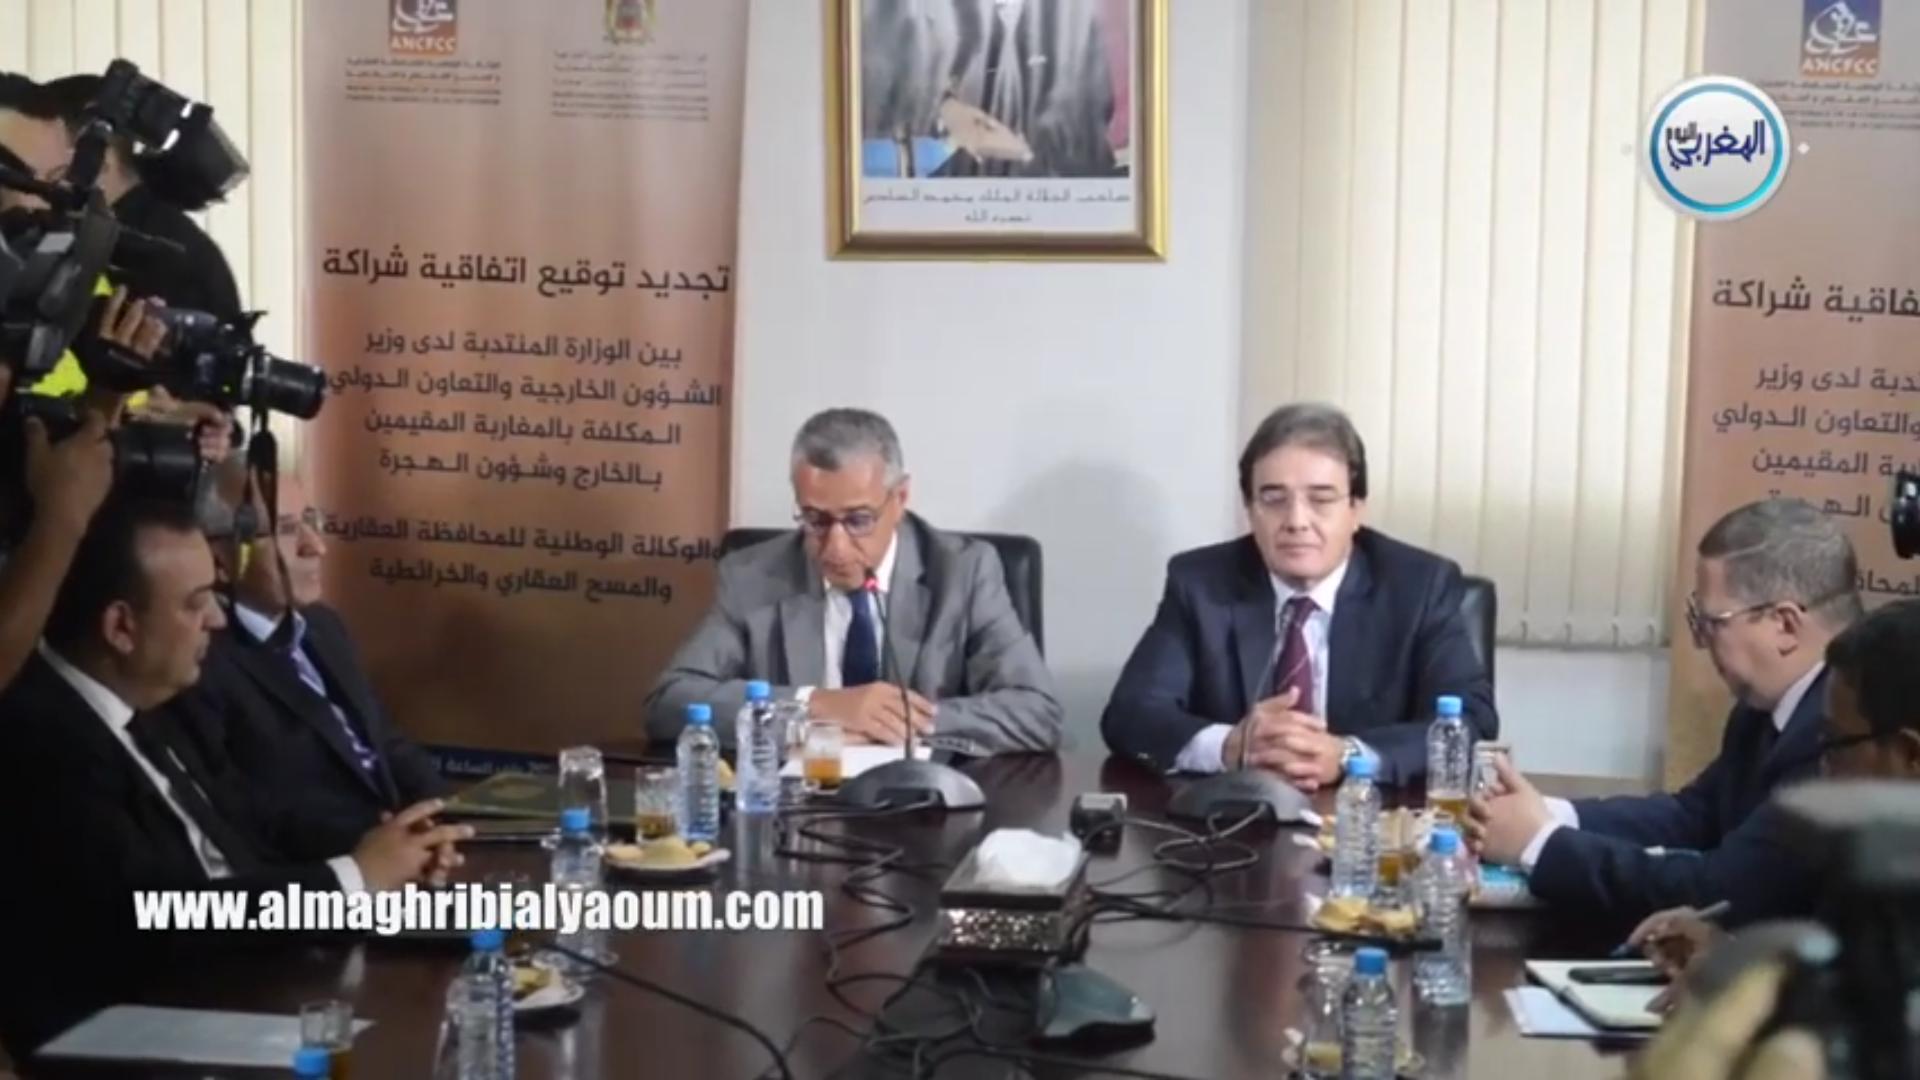 بالفيديو… تجديد اتفاقية الشراكة بين وزارة بنعتيق و المحافظة العقارية